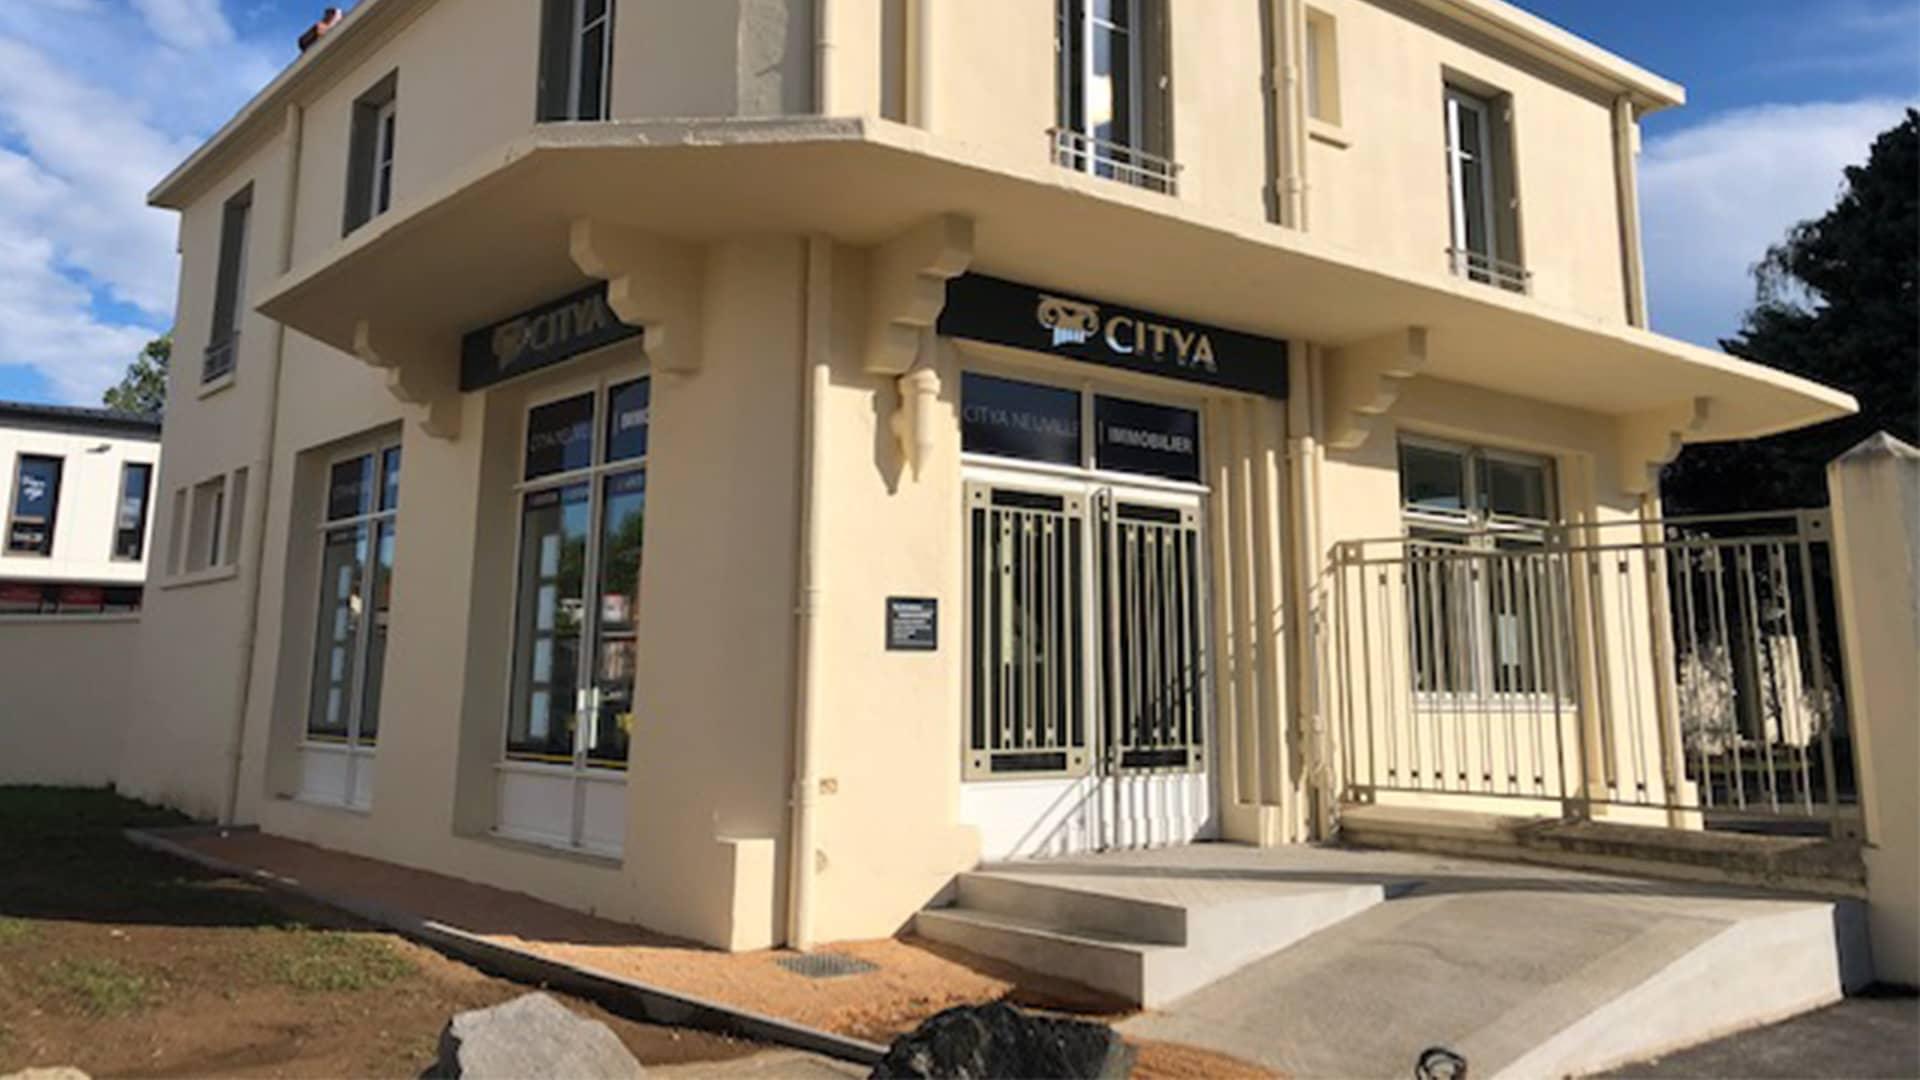 Agence immo Citya Neuville